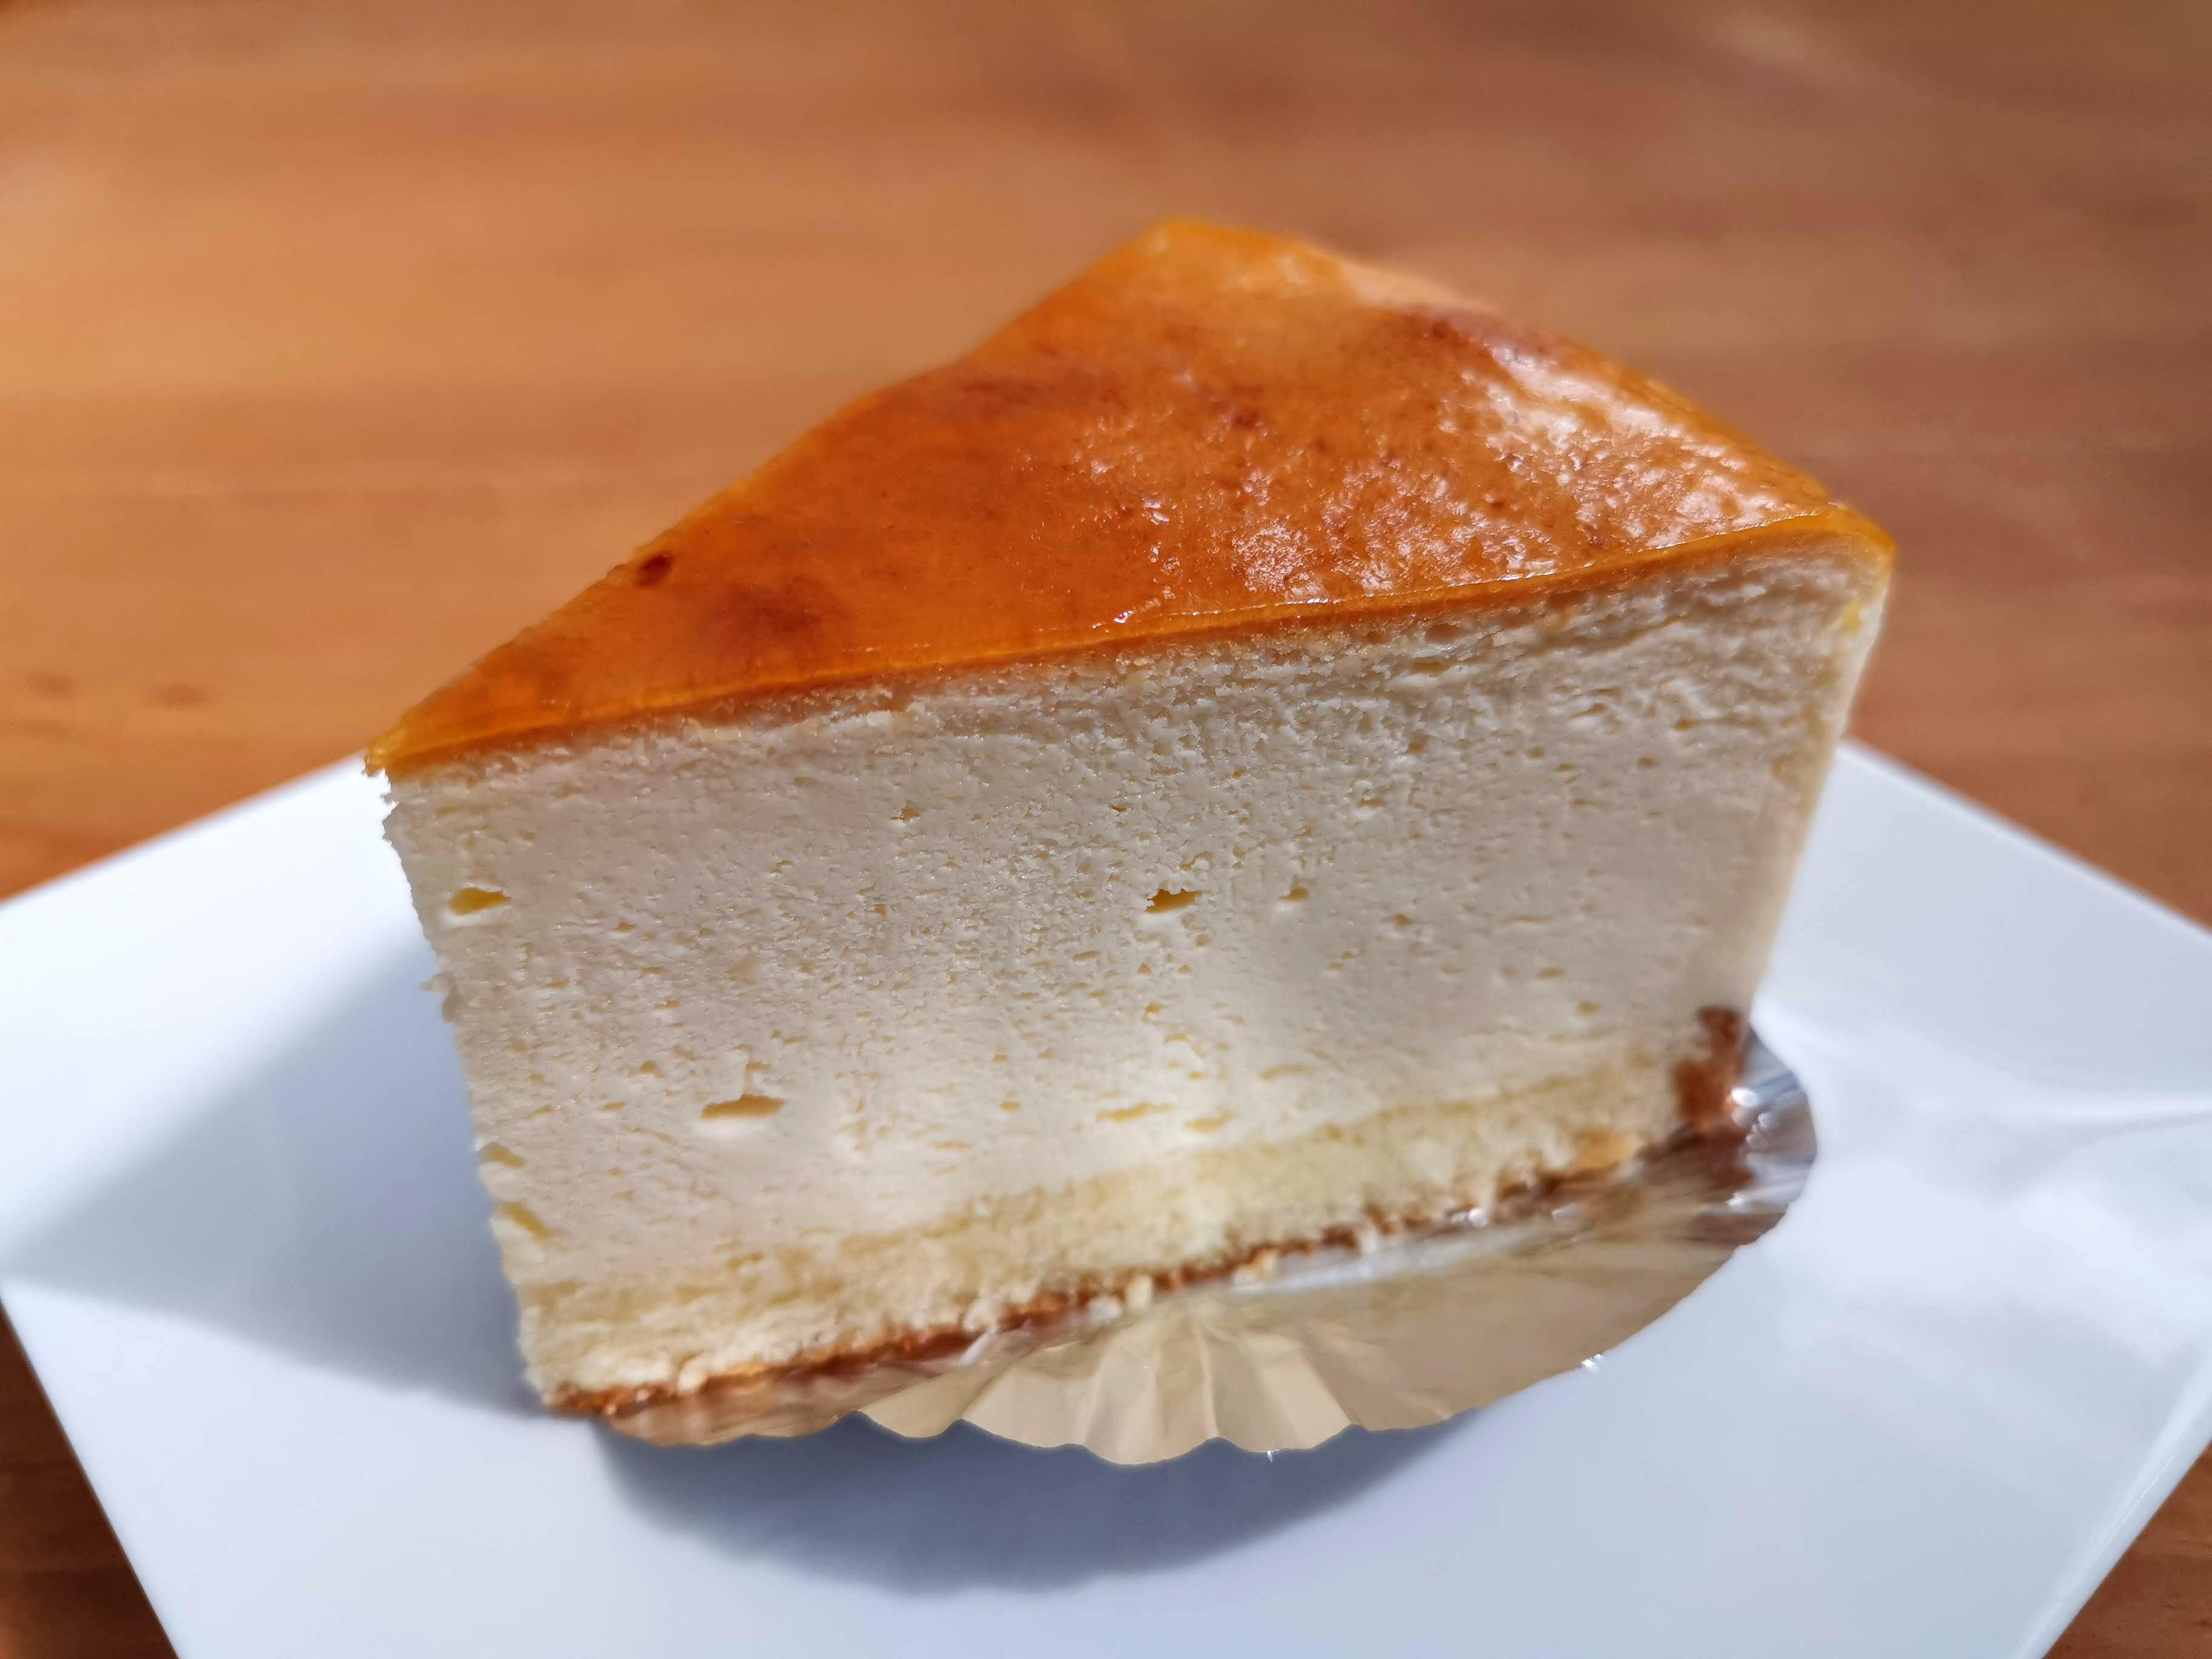 チーズスフレ(スフレチーズケーキ)